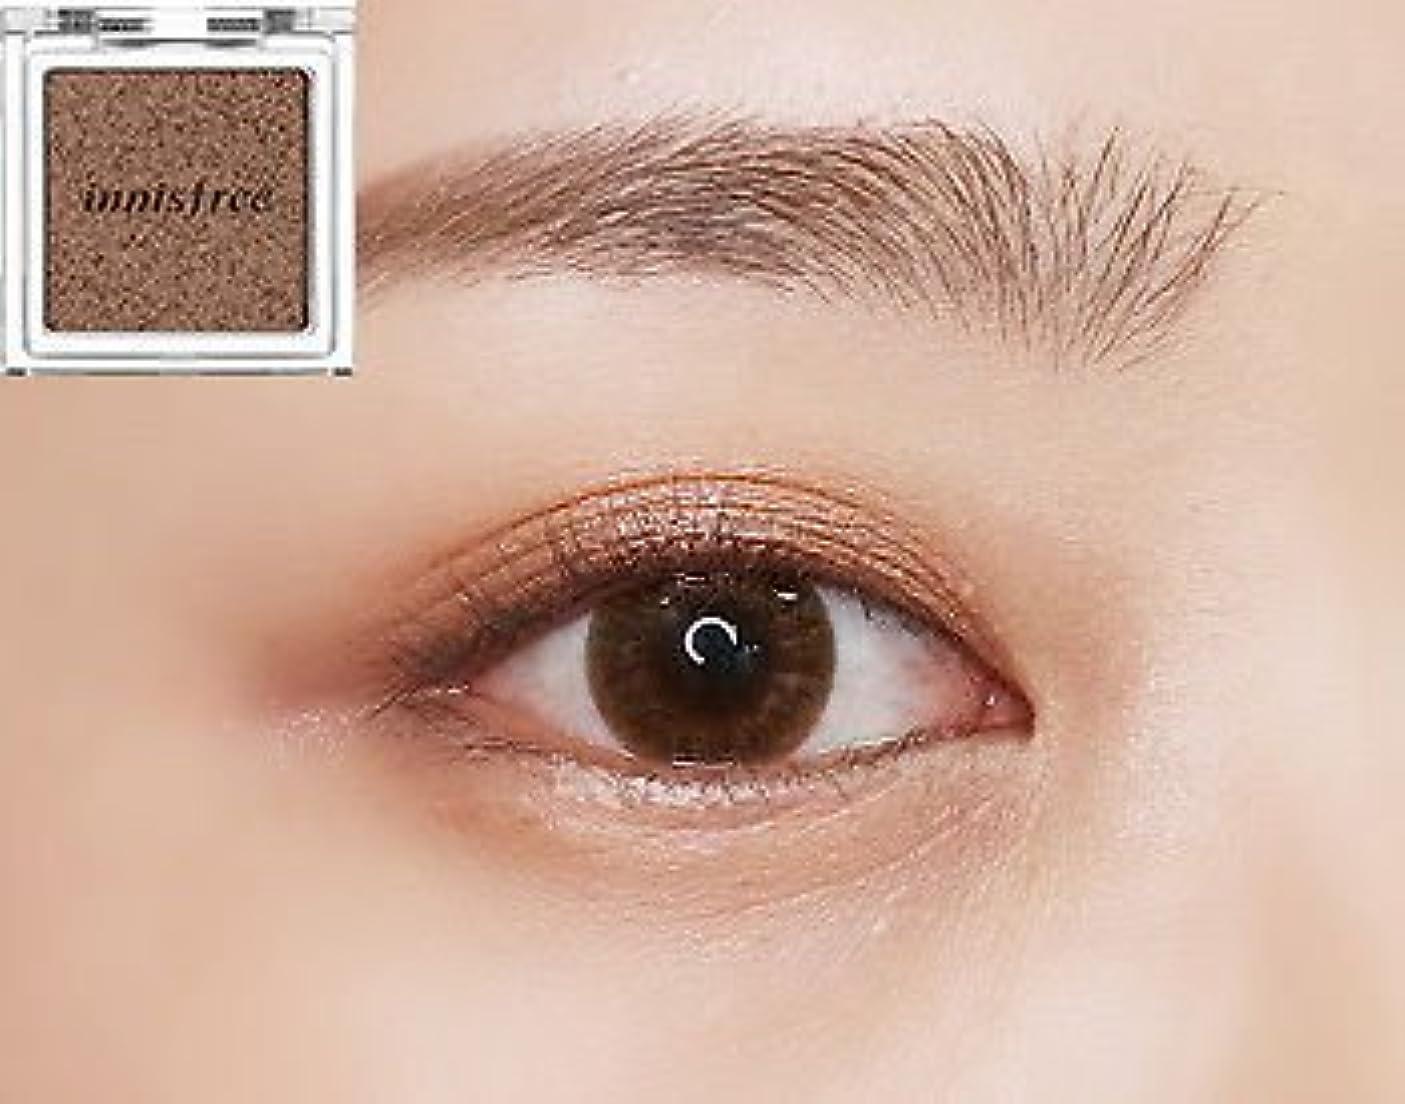 伸ばす患者解明する[イニスフリー] innisfree [マイ パレット マイ アイシャドウ (グリッタ一) 20カラー] MY PALETTE My Eyeshadow (Glitter) 20 Shades [海外直送品] (グリッタ...